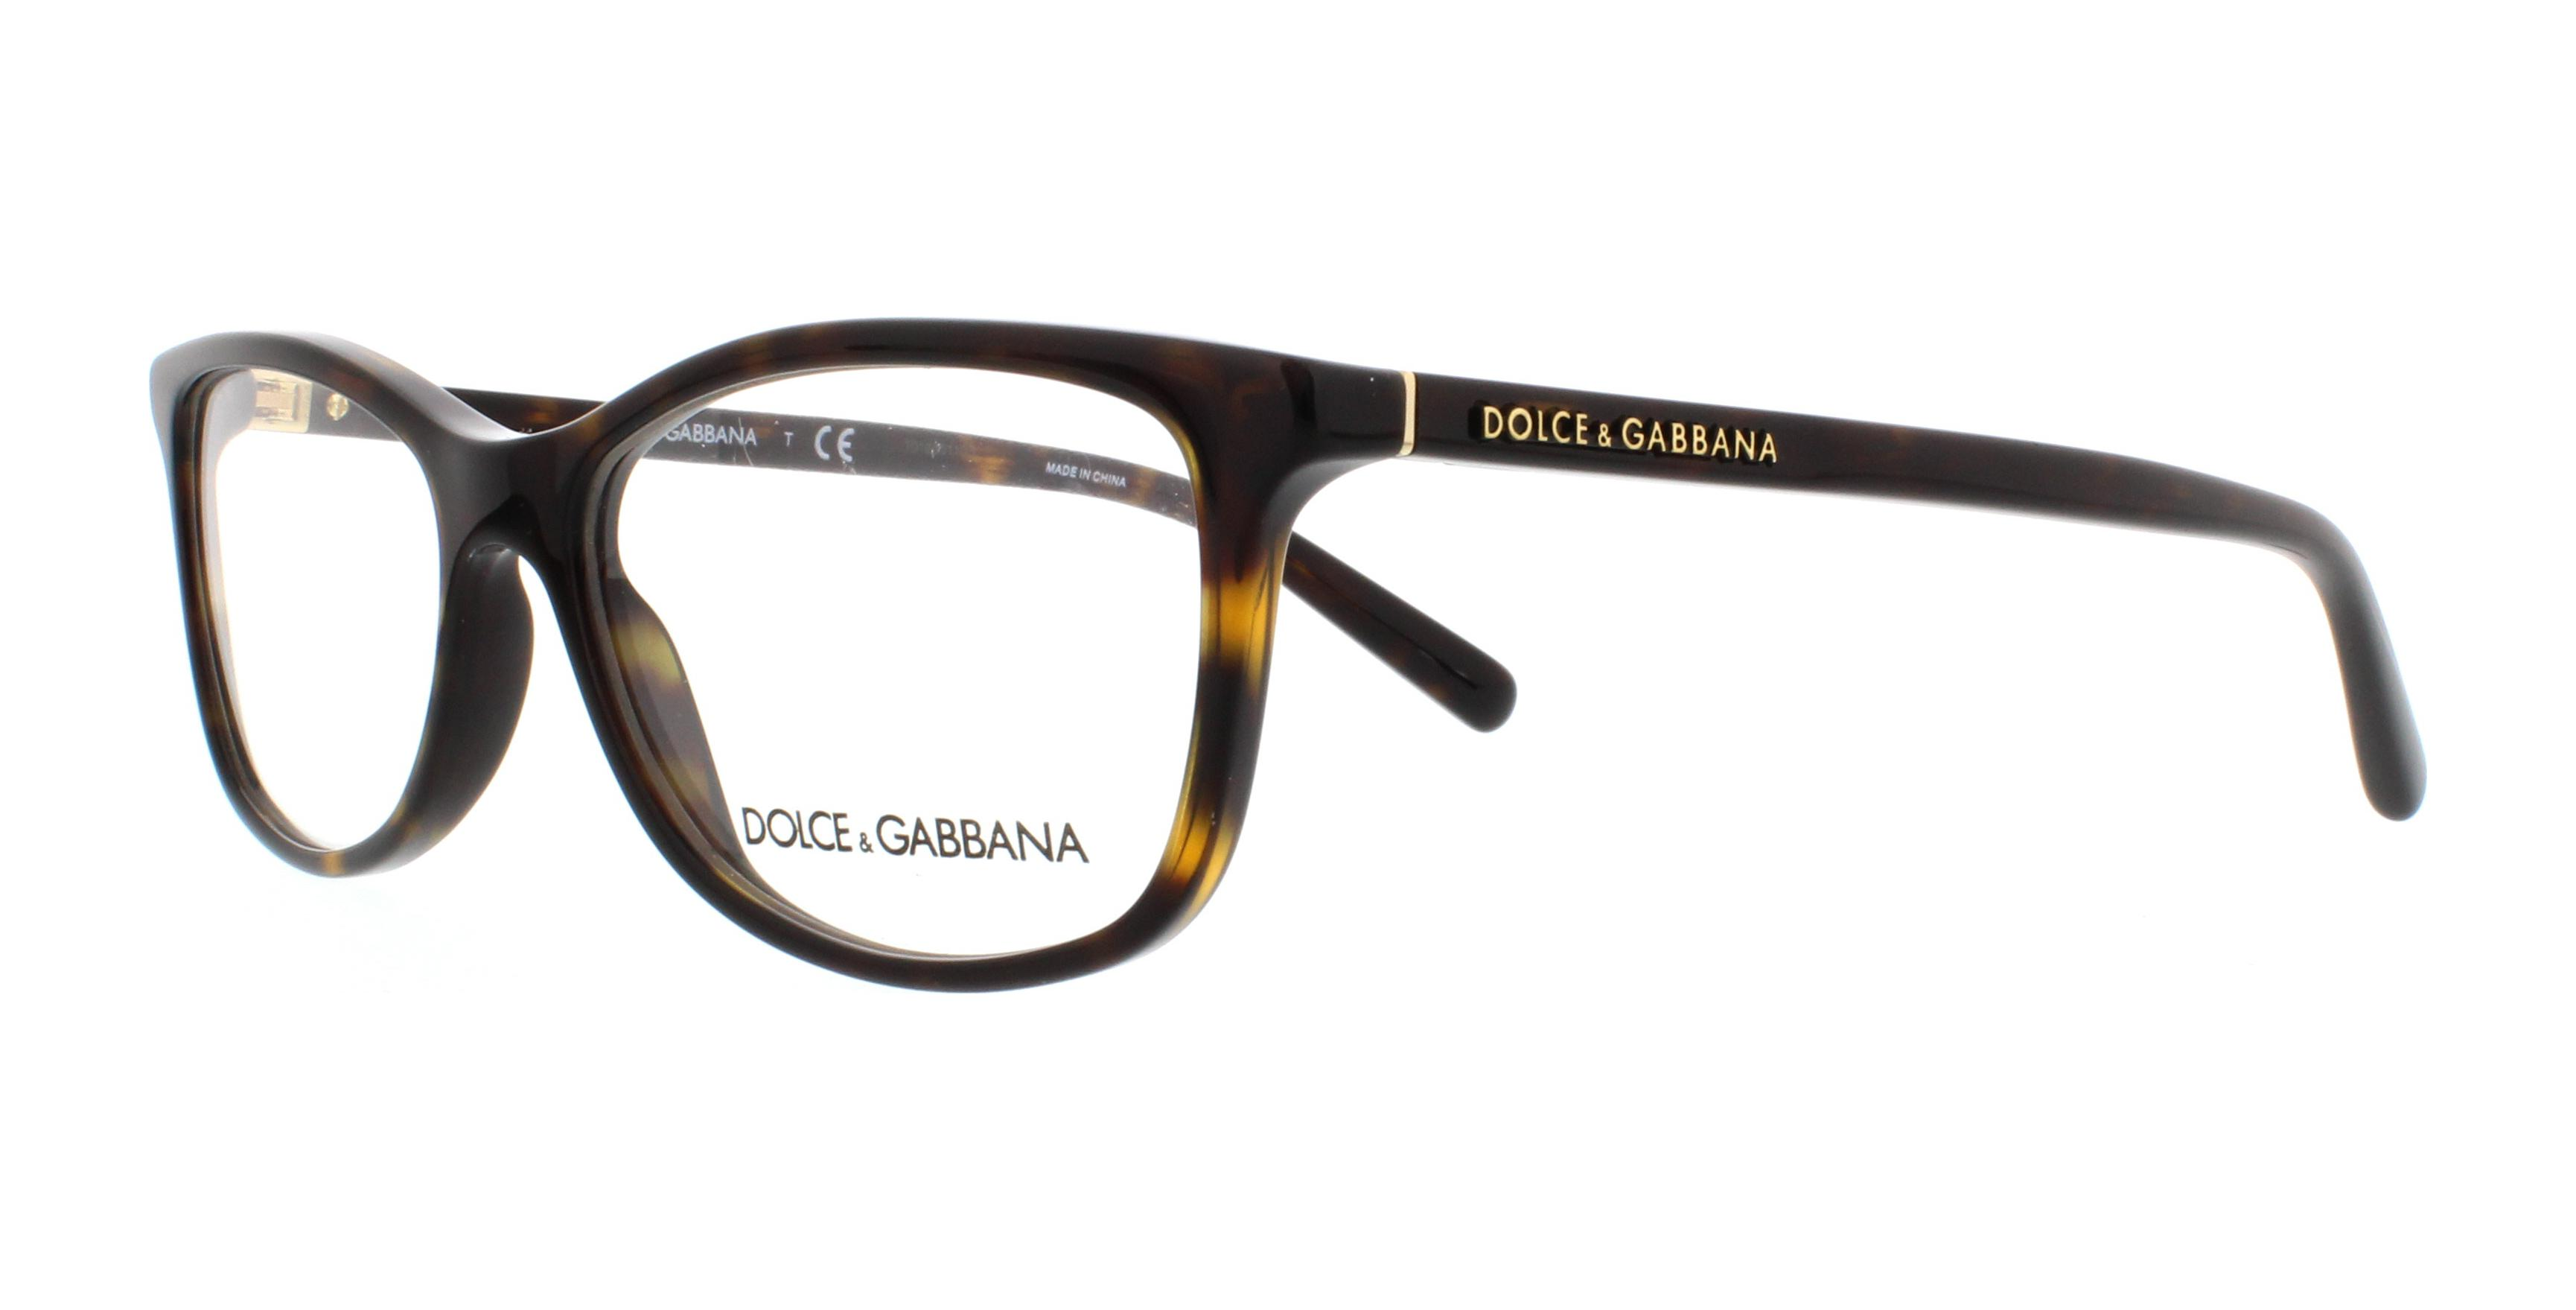 Designer Frames Outlet. Dolce & Gabbana DG3222